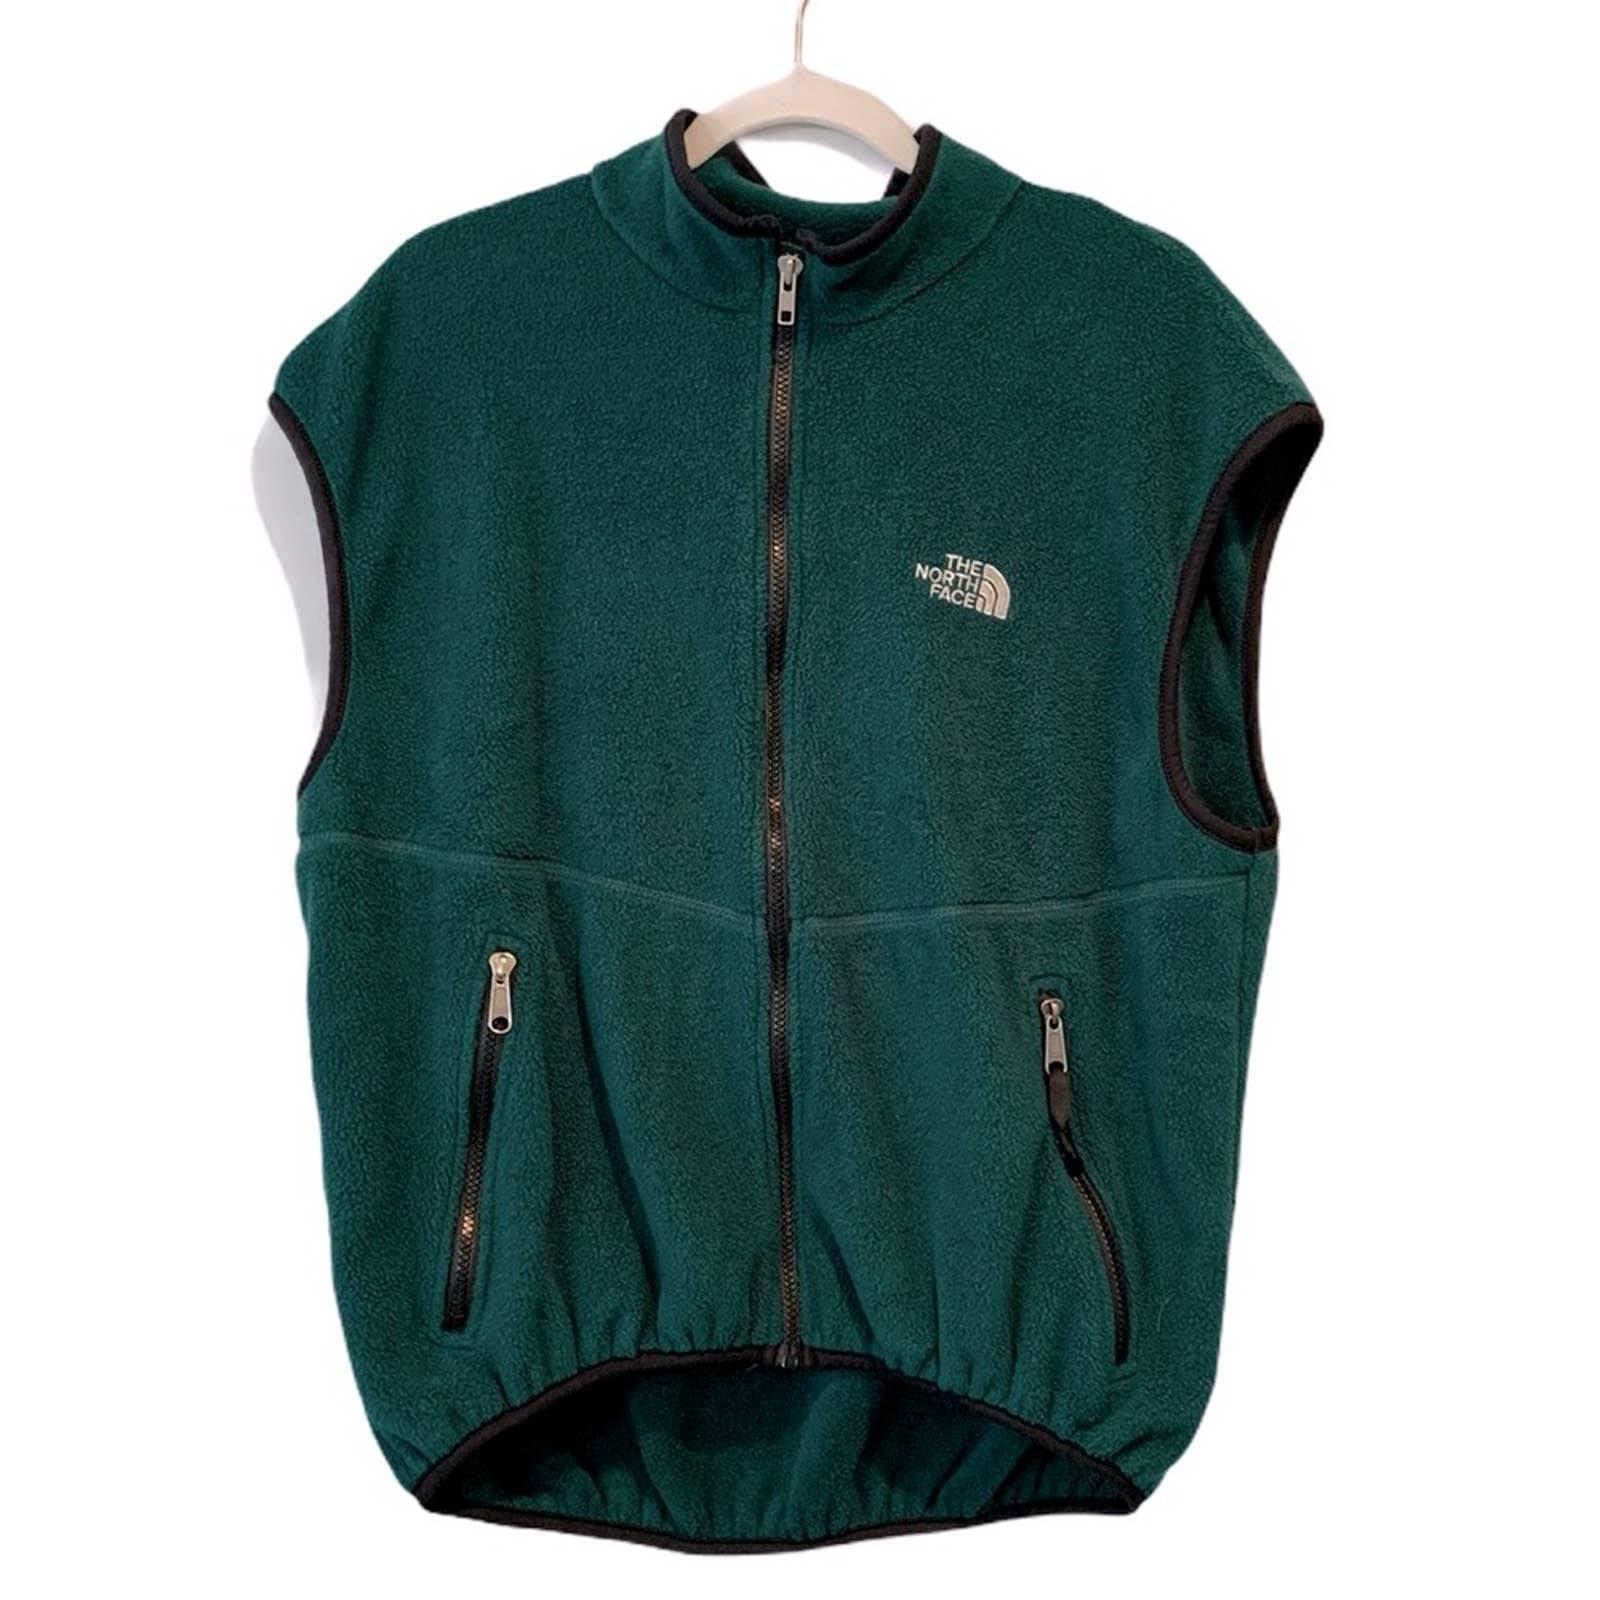 The Northface Fleece Full Zip Green Vest